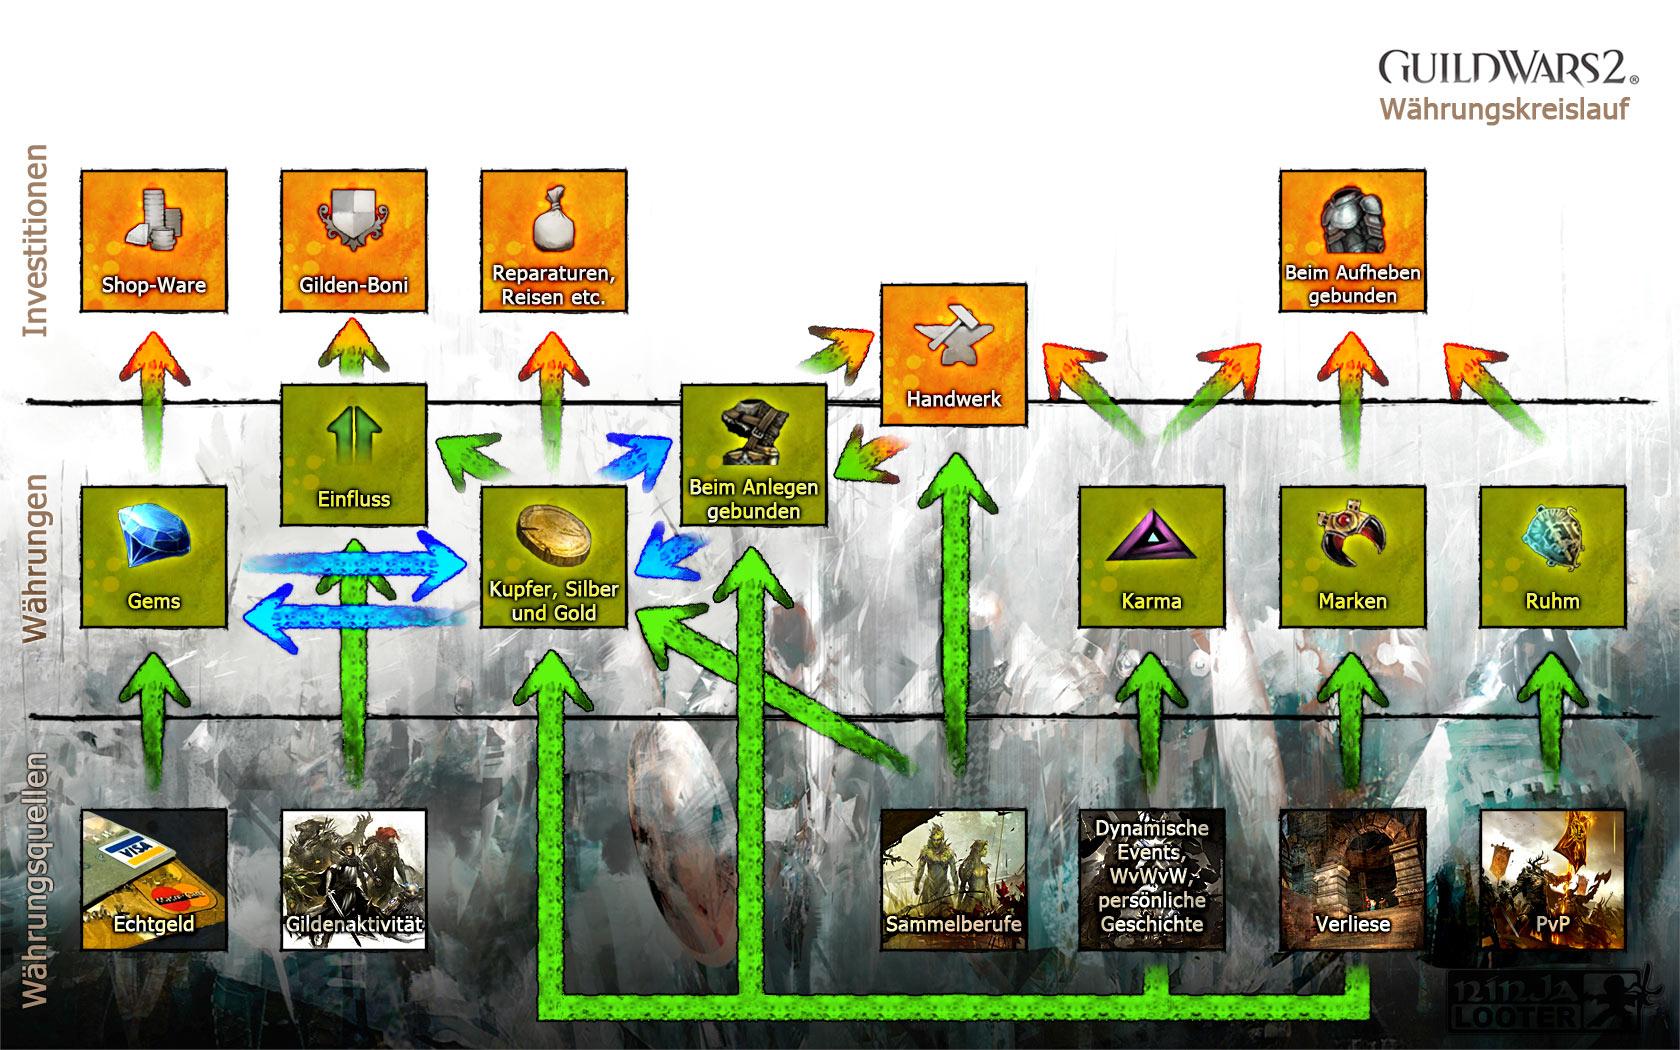 Guild Wars 2 - Währungskreislauf